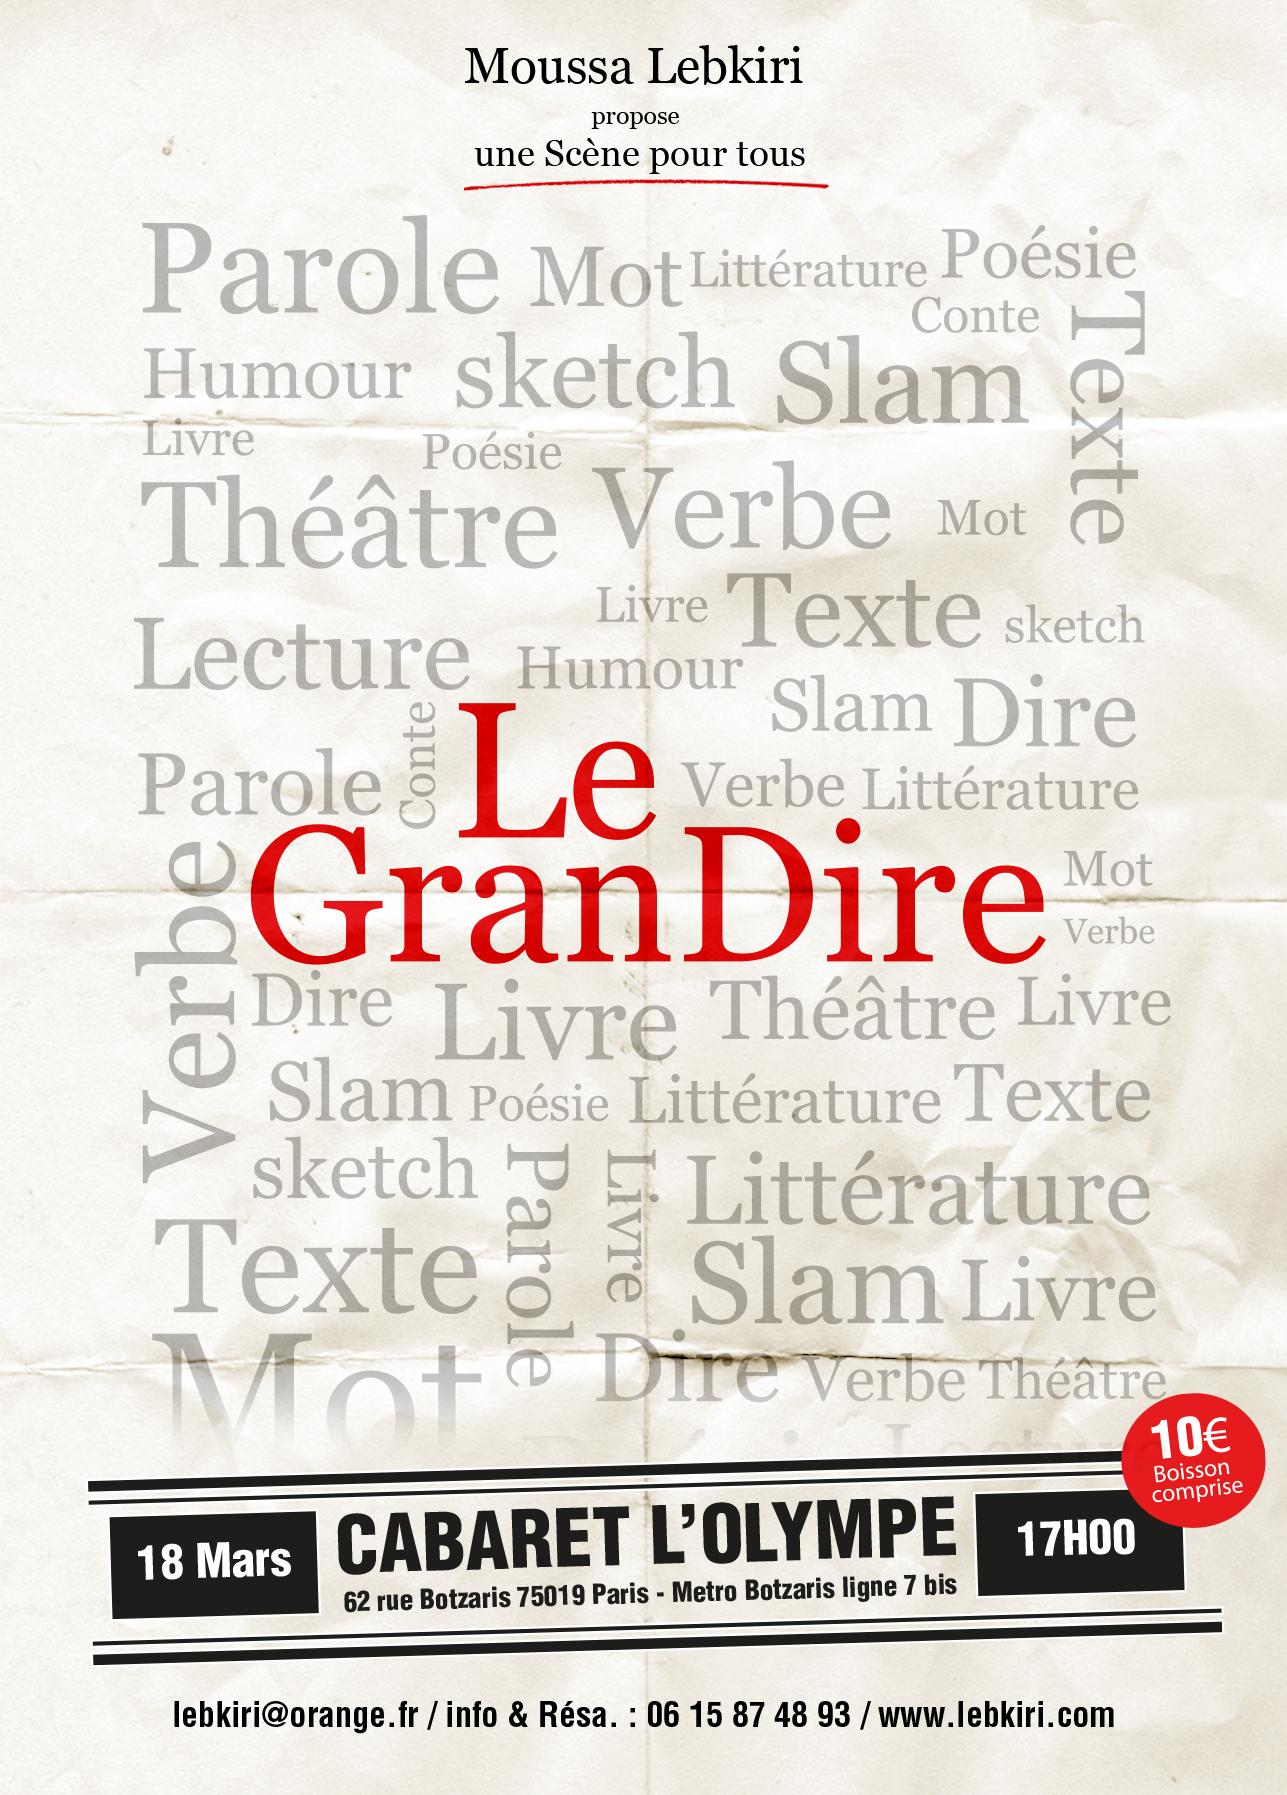 https://www.saphirnews.com/agenda/Le-GranDire-Scene-litteraire-pour-tous_ae572193.html